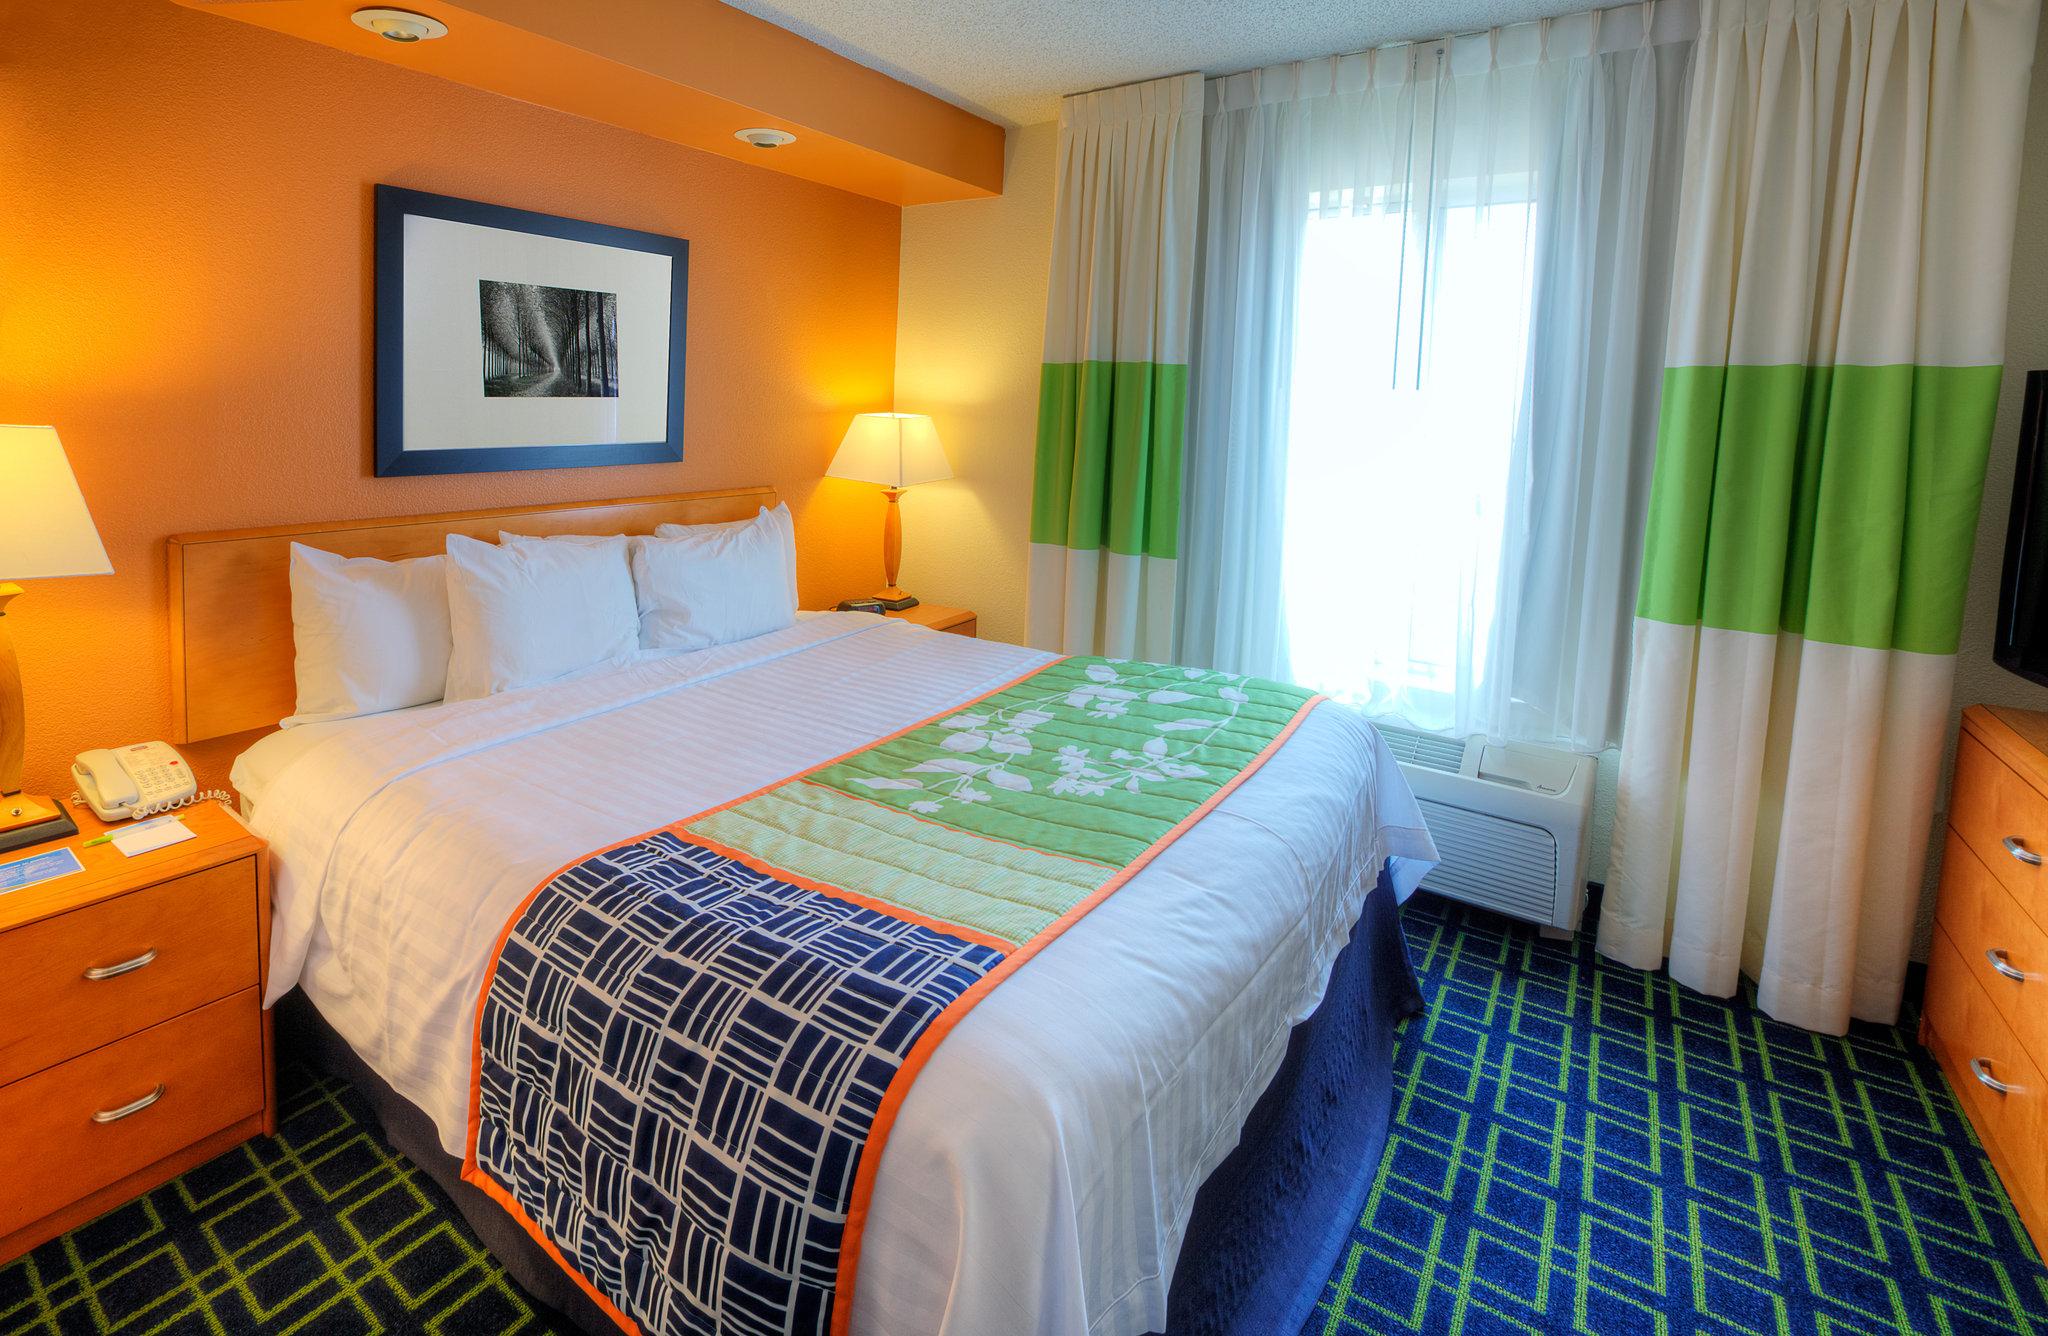 Fairfield Inn & Suites Laredo